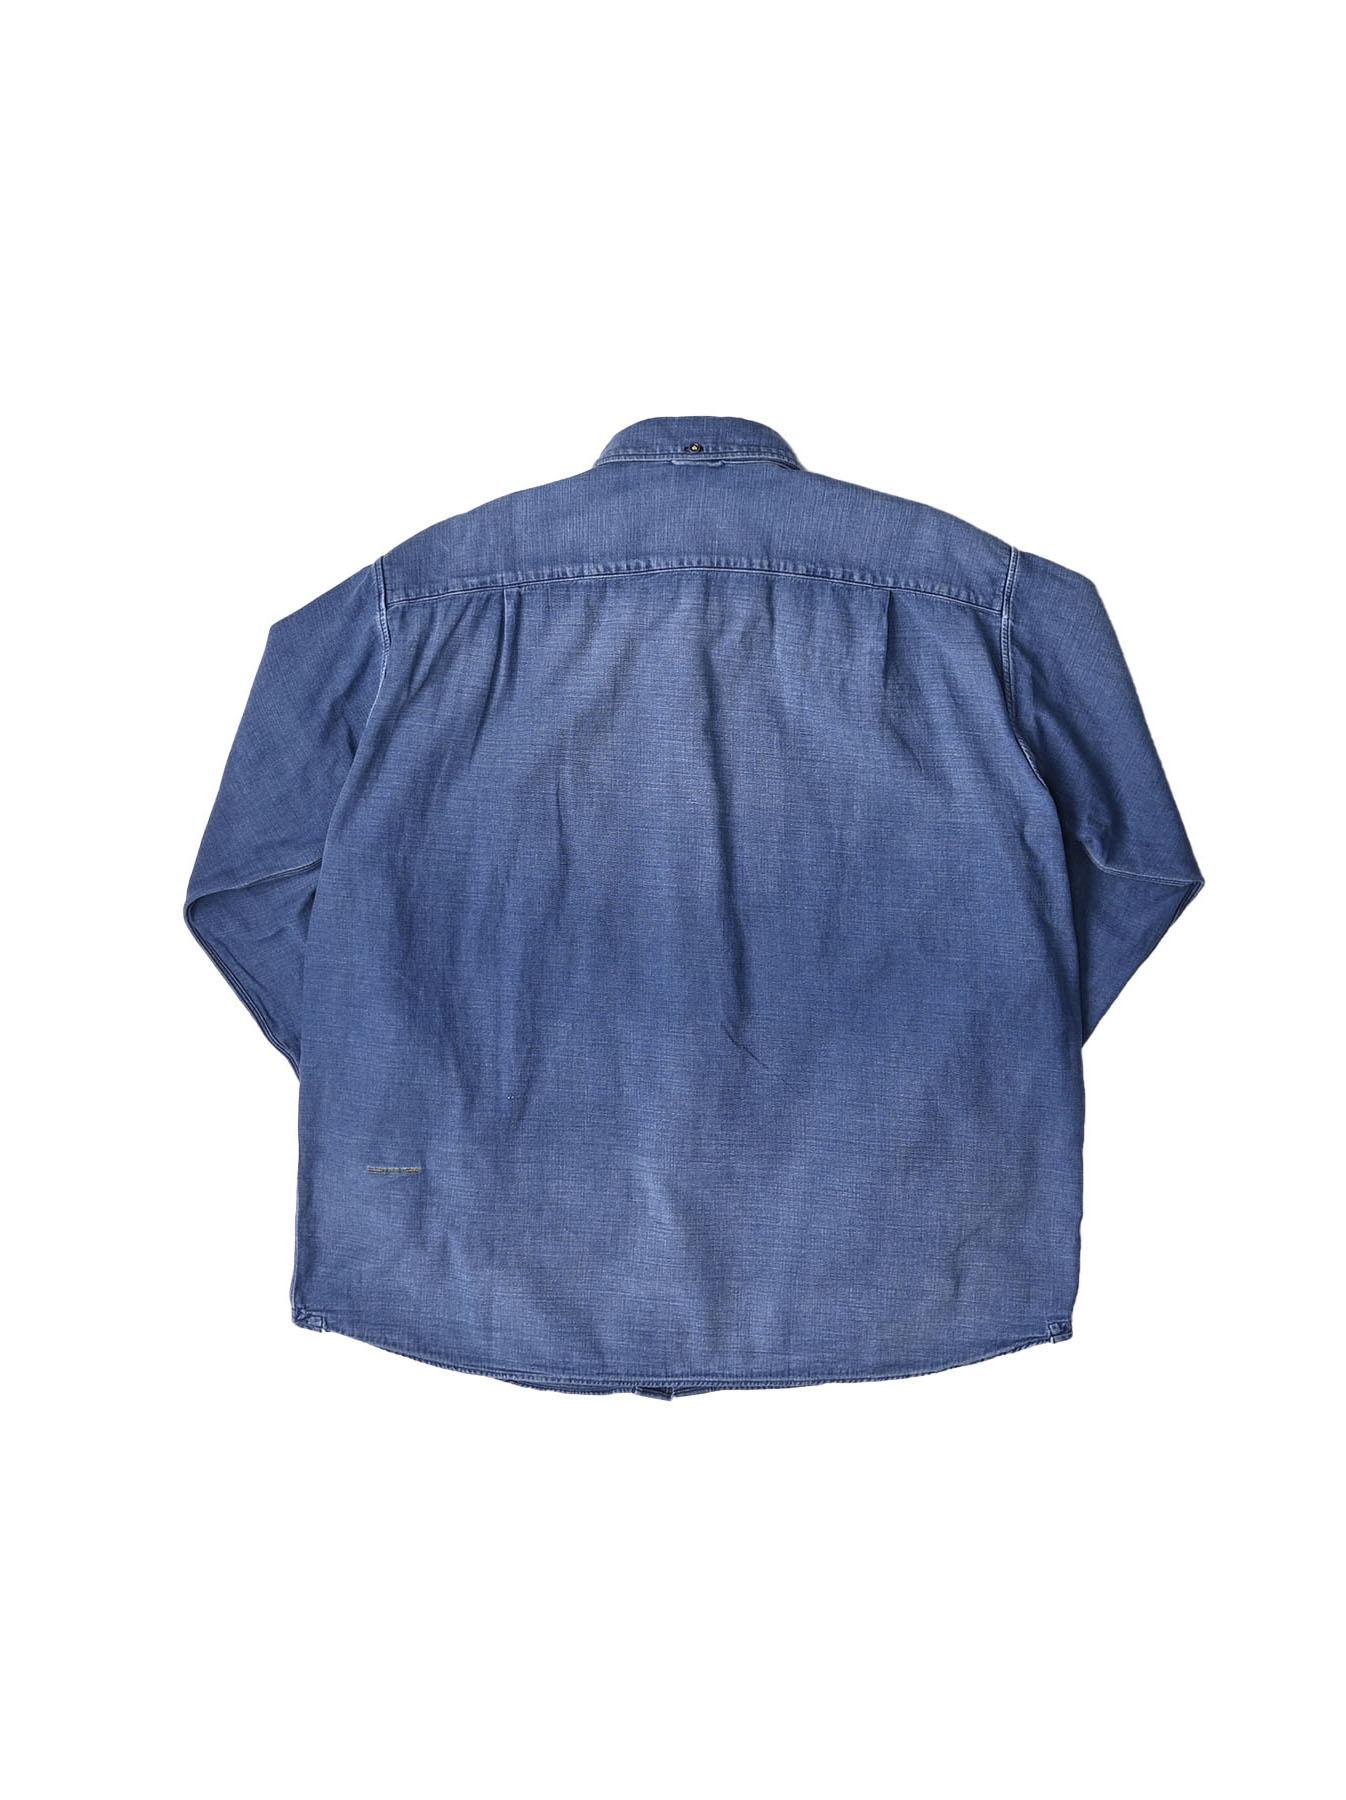 Goma Denim Ocean Button Down Shirt-3